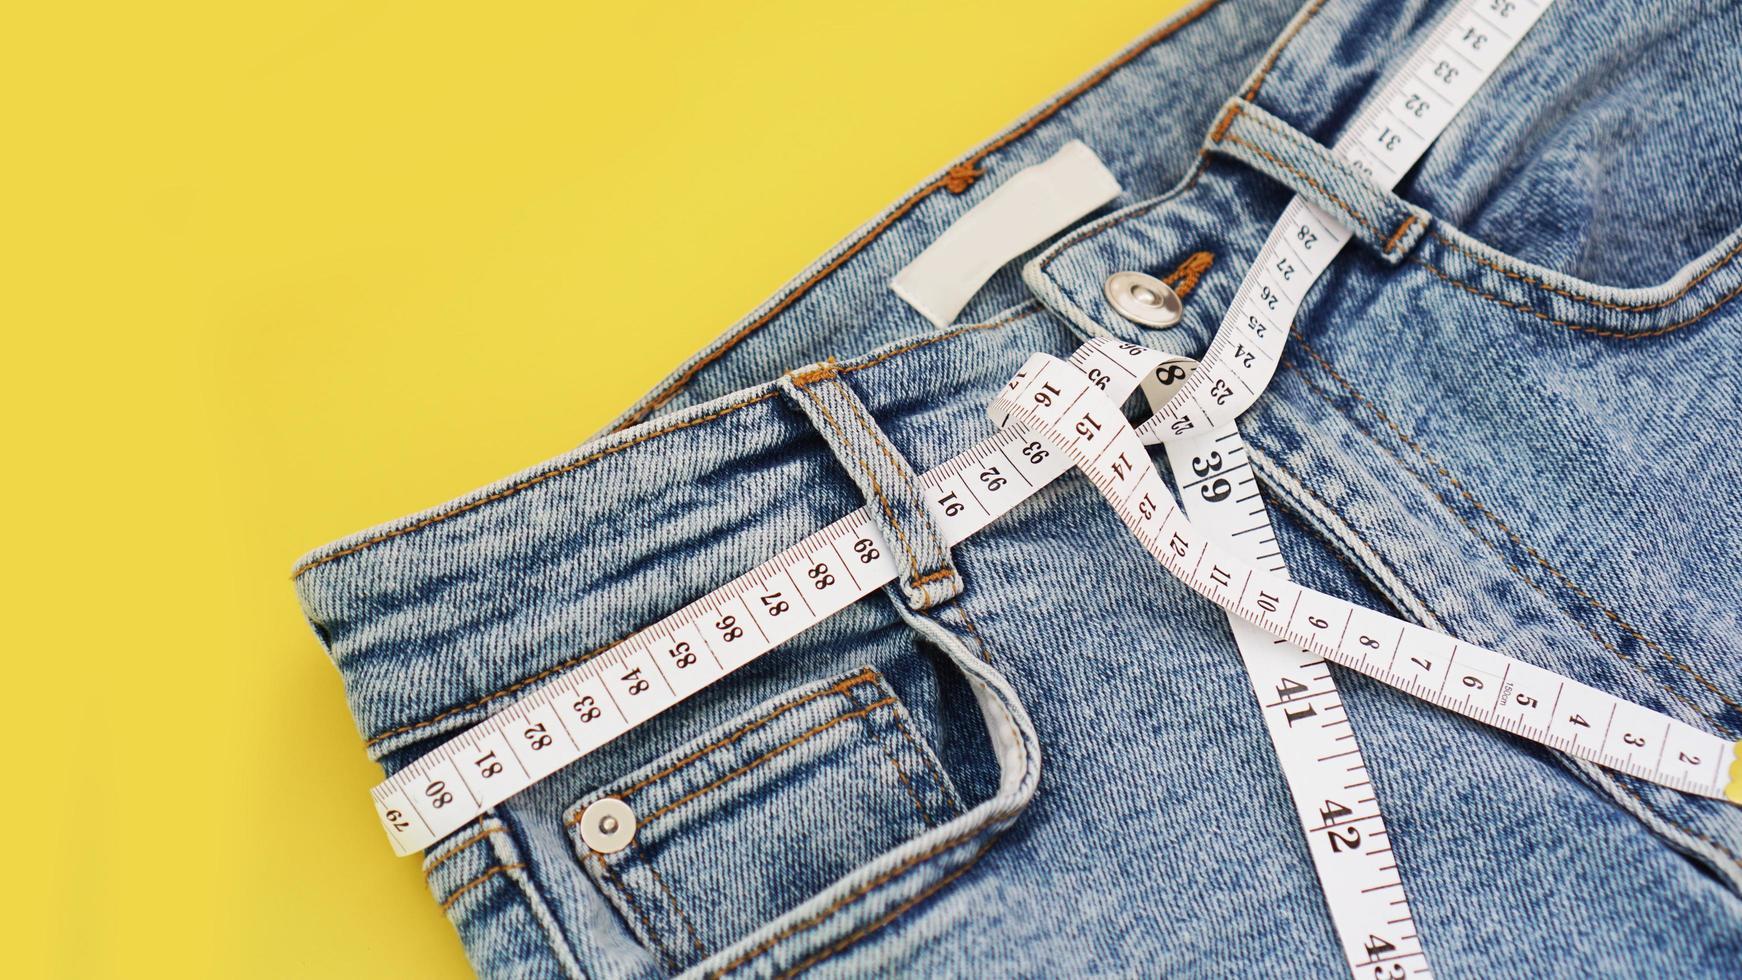 Maßband und Jeans auf leuchtend gelbem Hintergrund foto